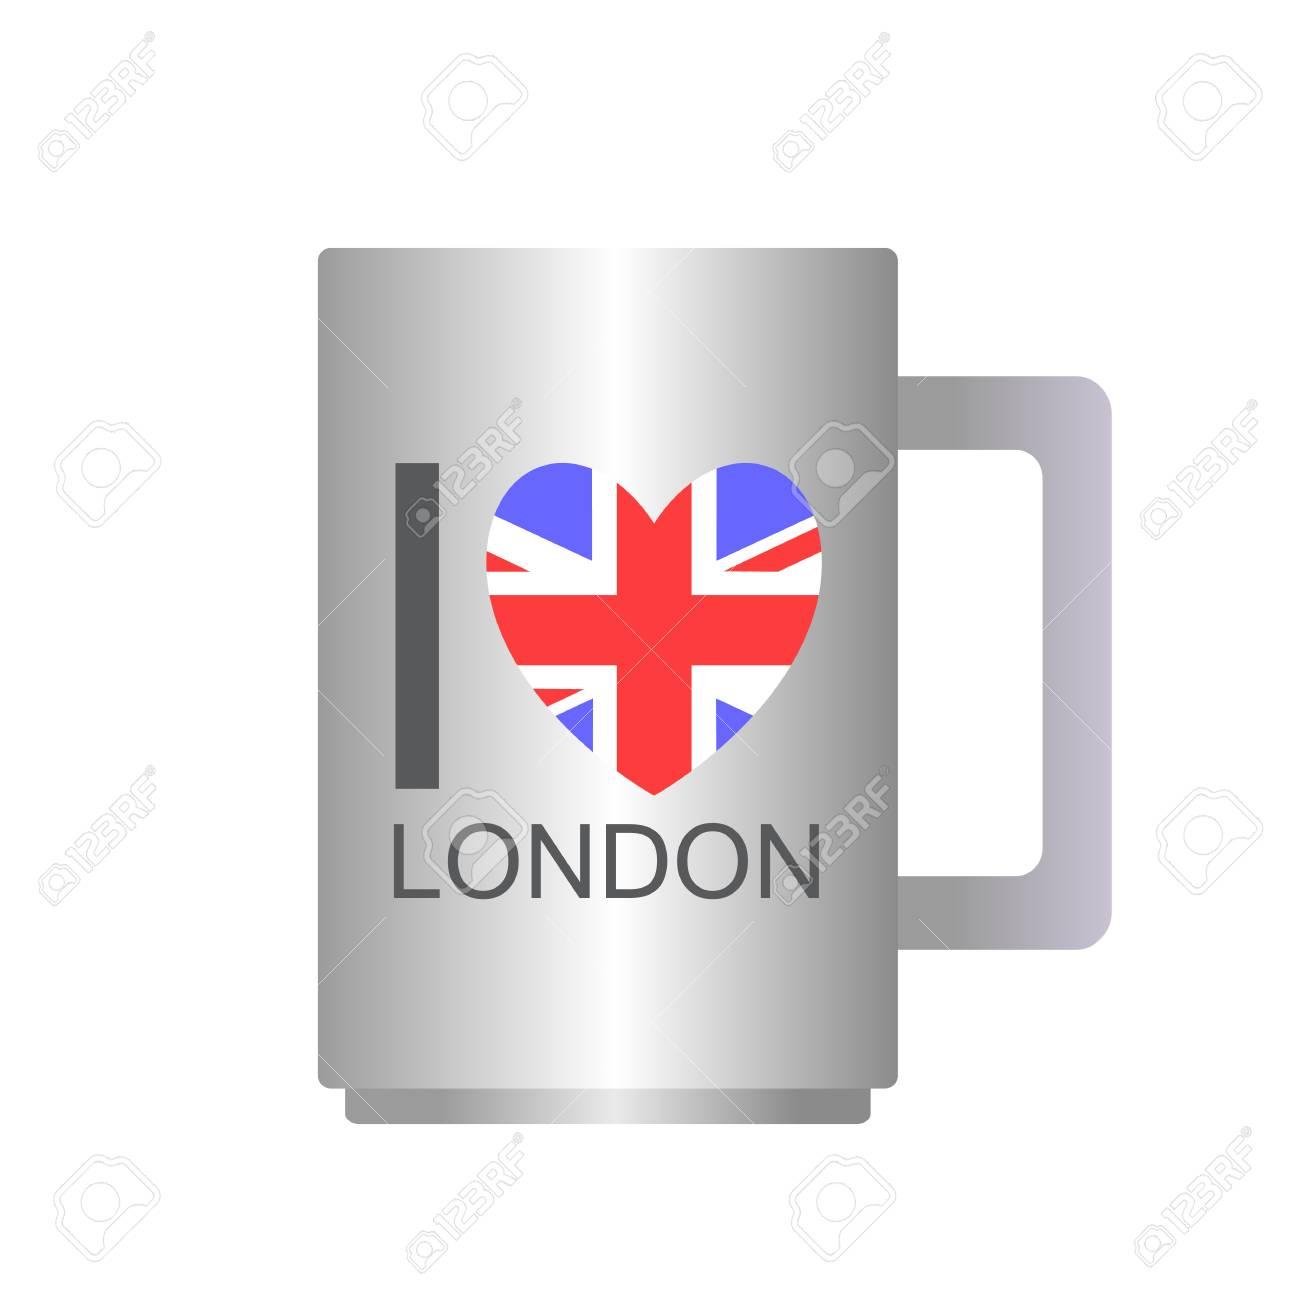 Vettoriale Amo Londra Testo Con Simbolo Tazza Di Tè Isolato Su